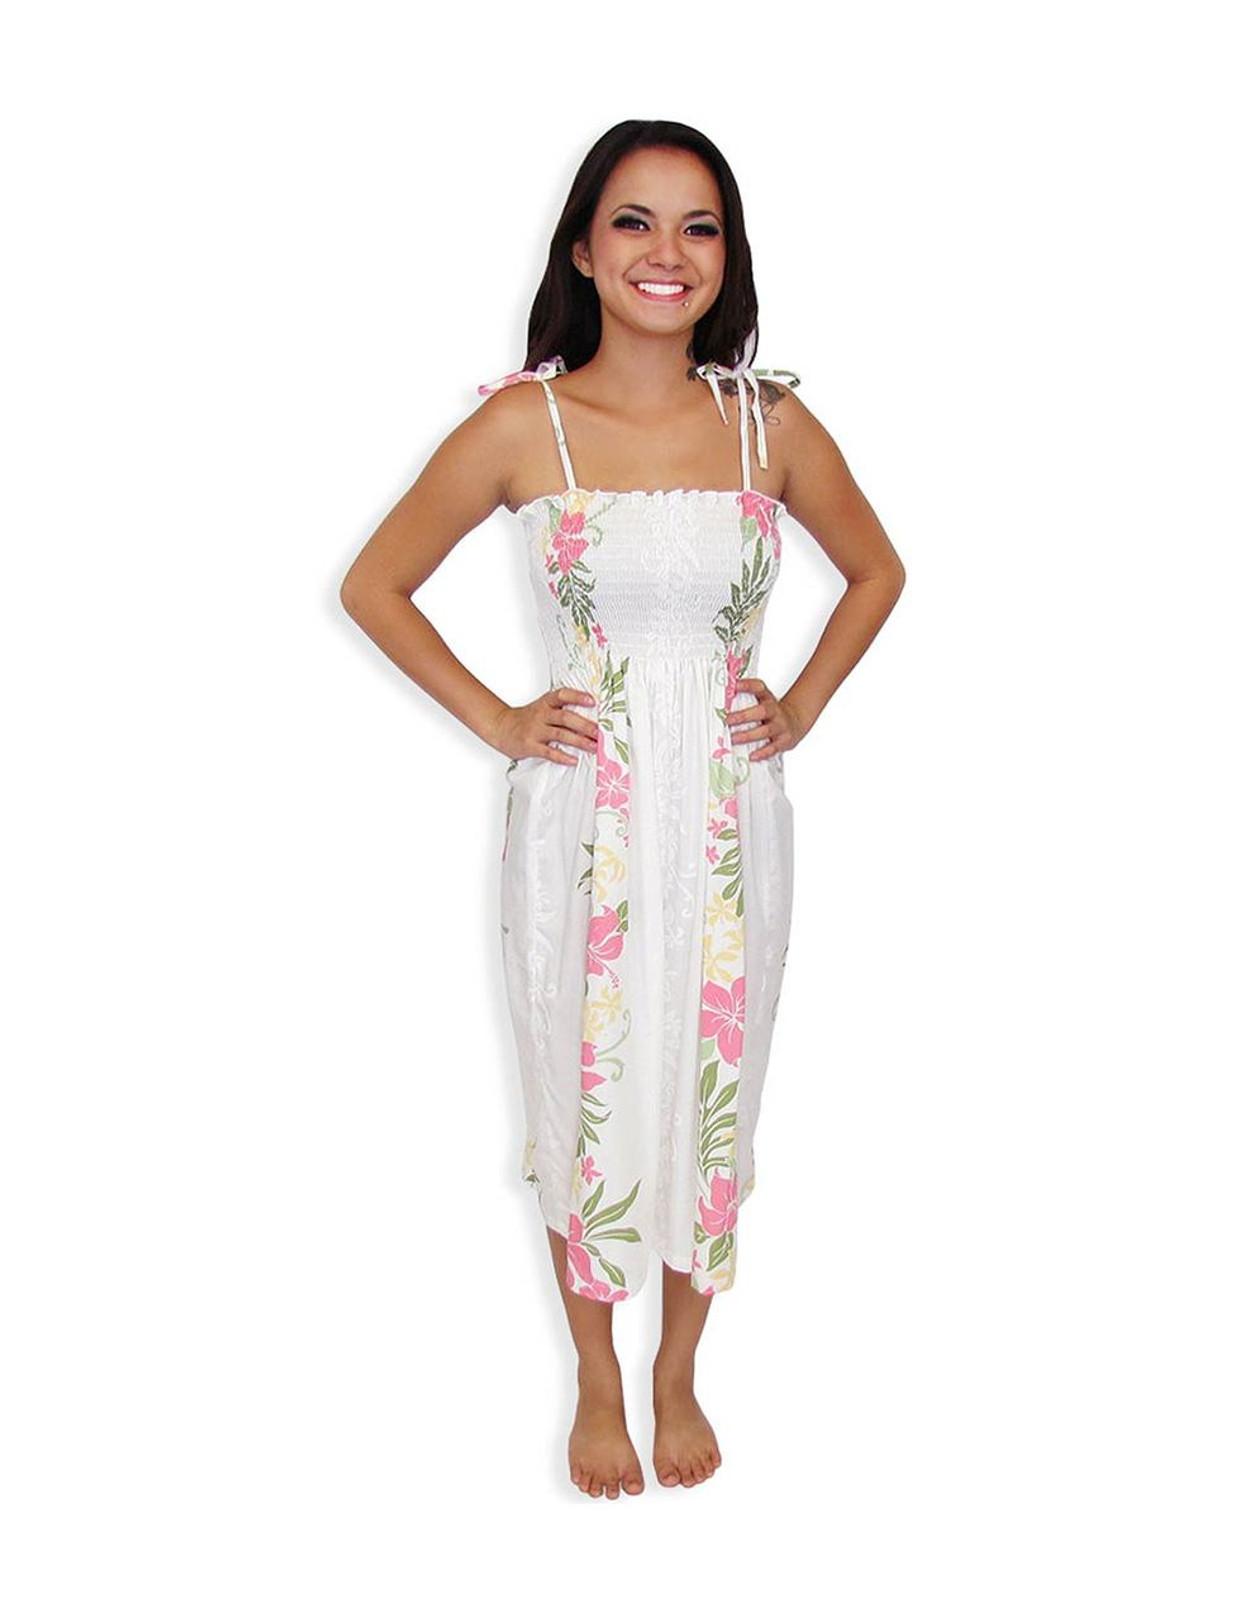 Tube Top Smock Hawaiian Dresses Lokelani - Hawaiian Wedding Place